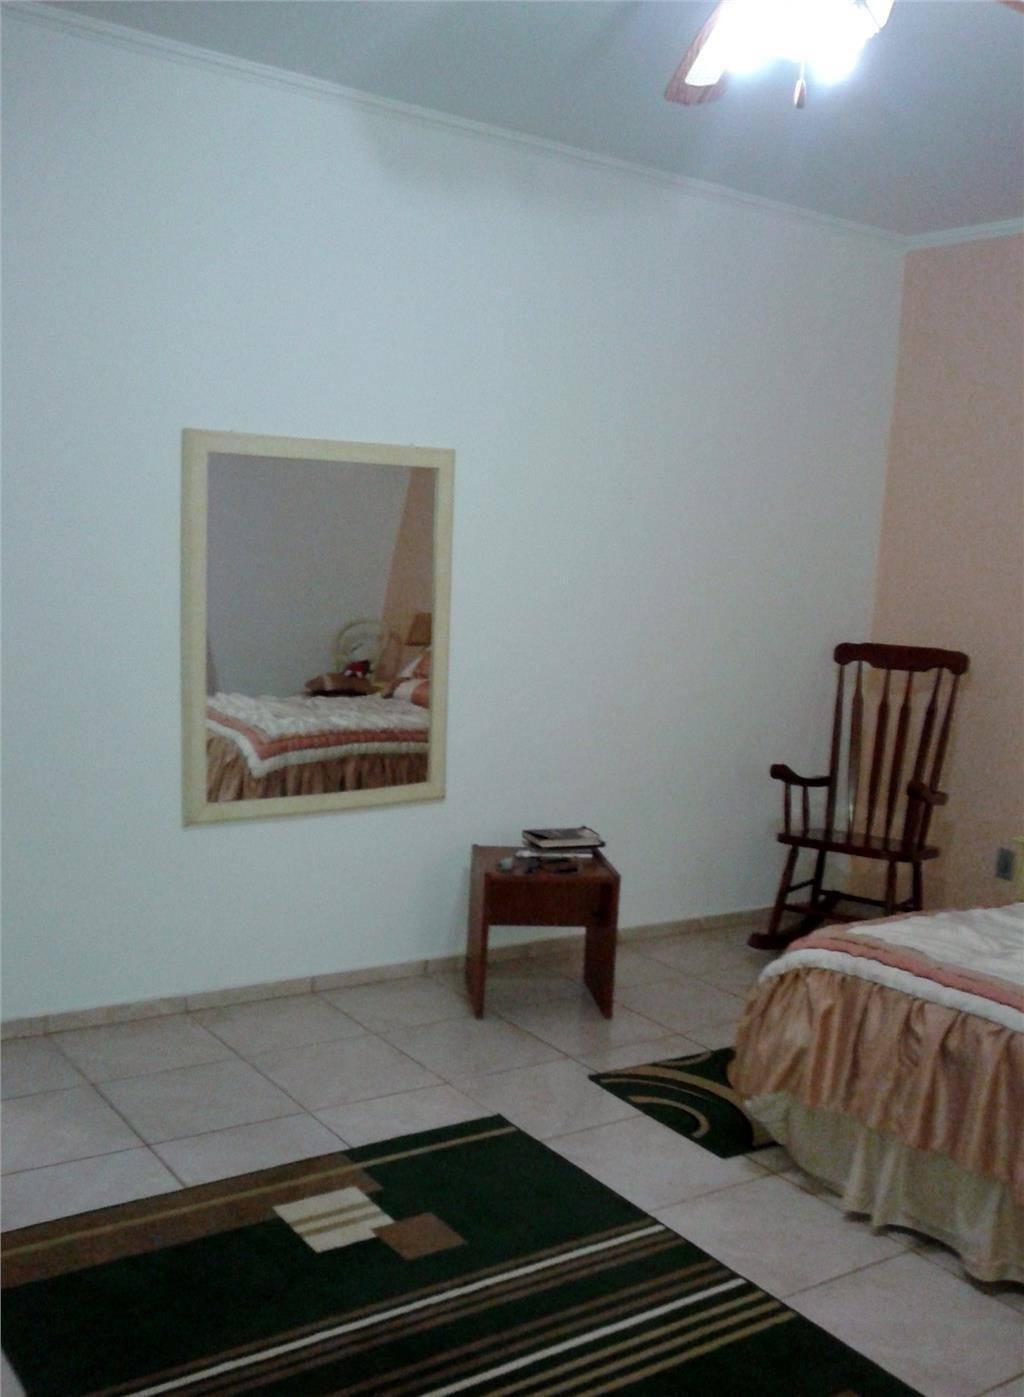 Chácara 3 Dorm, Loteamento Chácaras Vale das Garças, Campinas - Foto 20